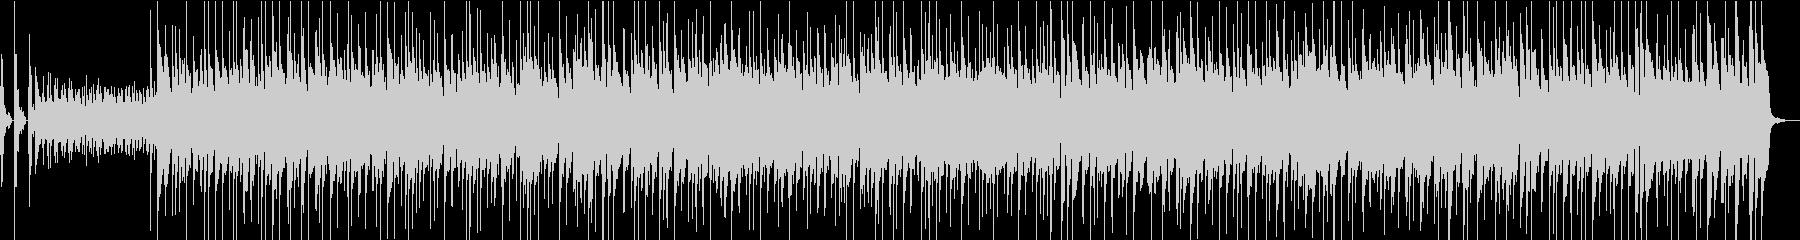 秒合わせロッキー系筋トレ動画用2分BGMの未再生の波形